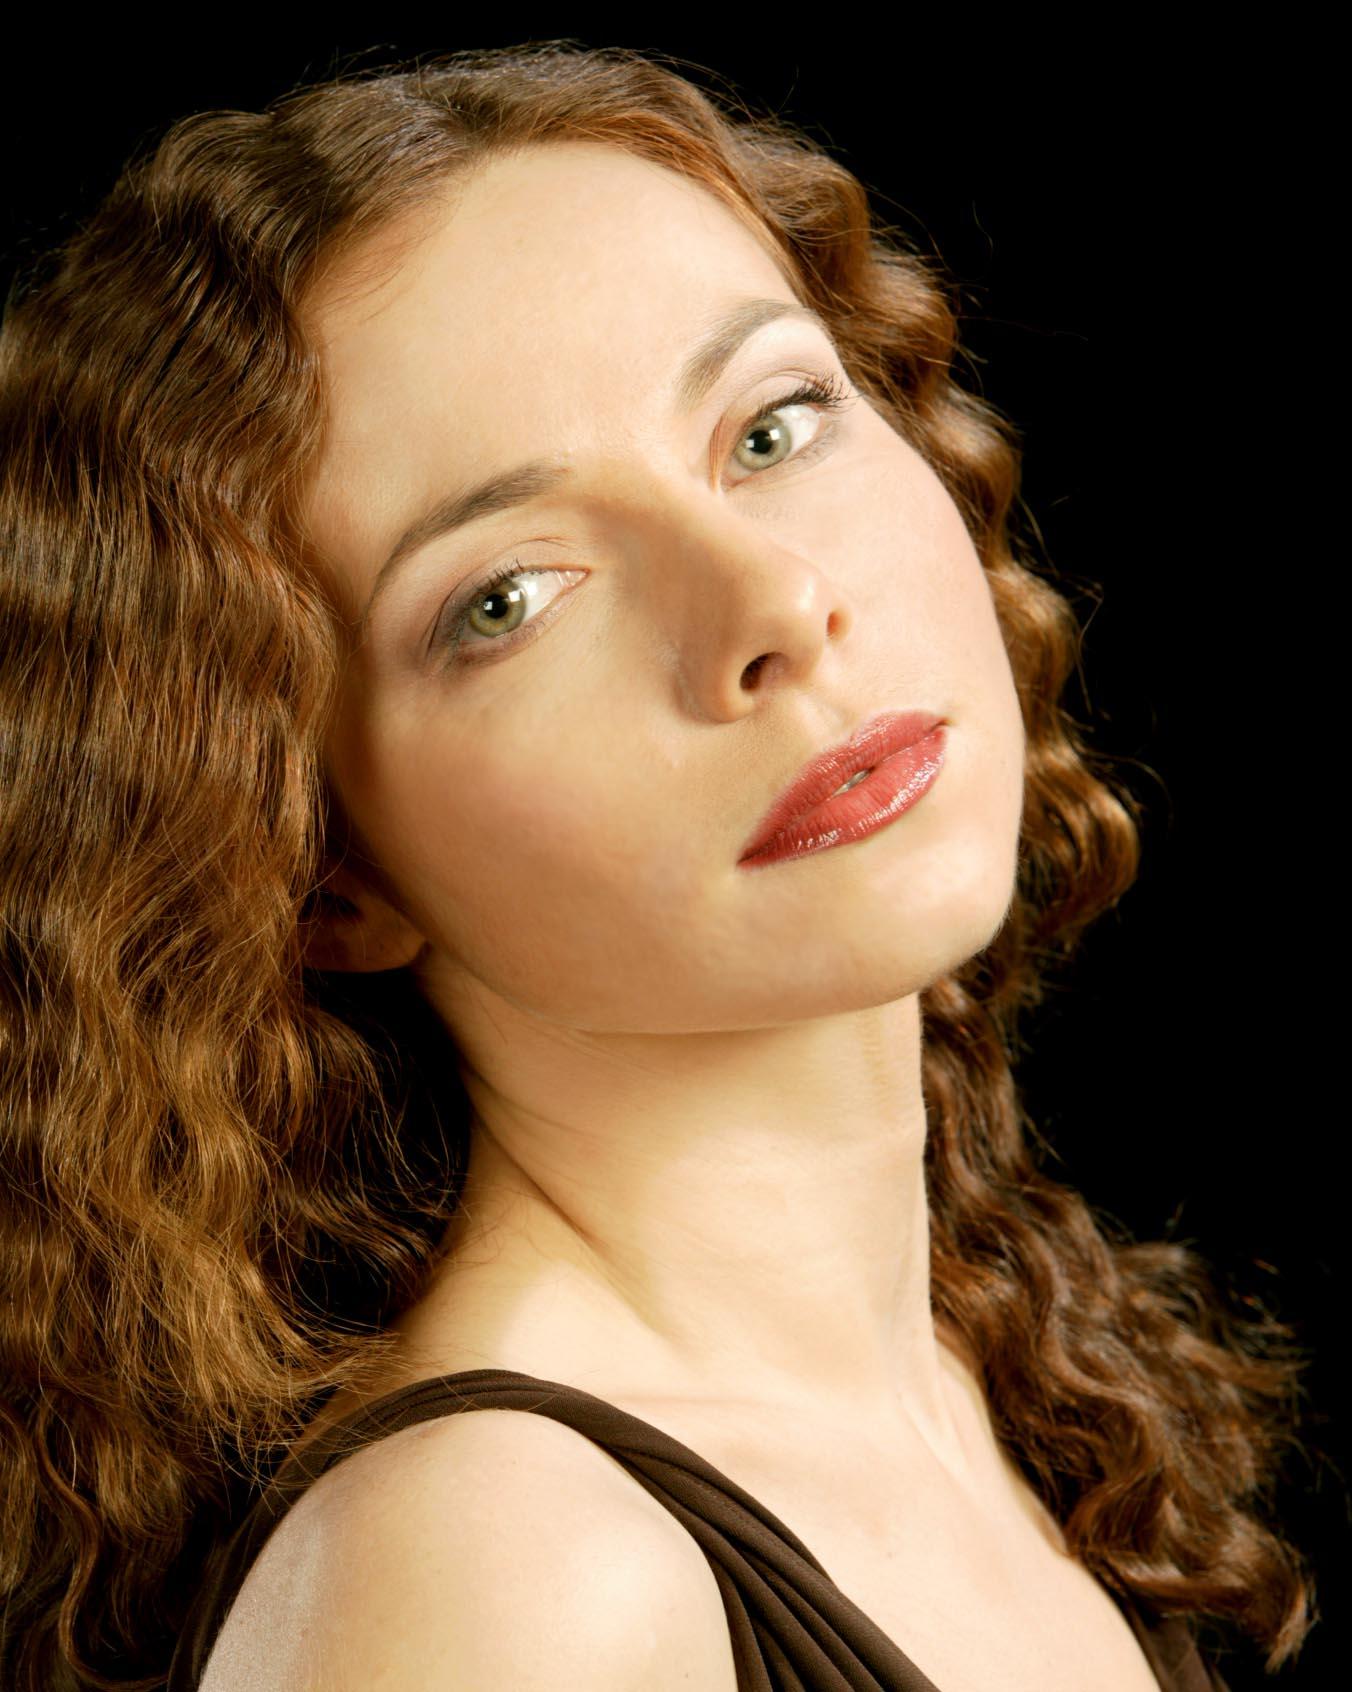 Екатерина гусева ekaterina guseva фото 489249